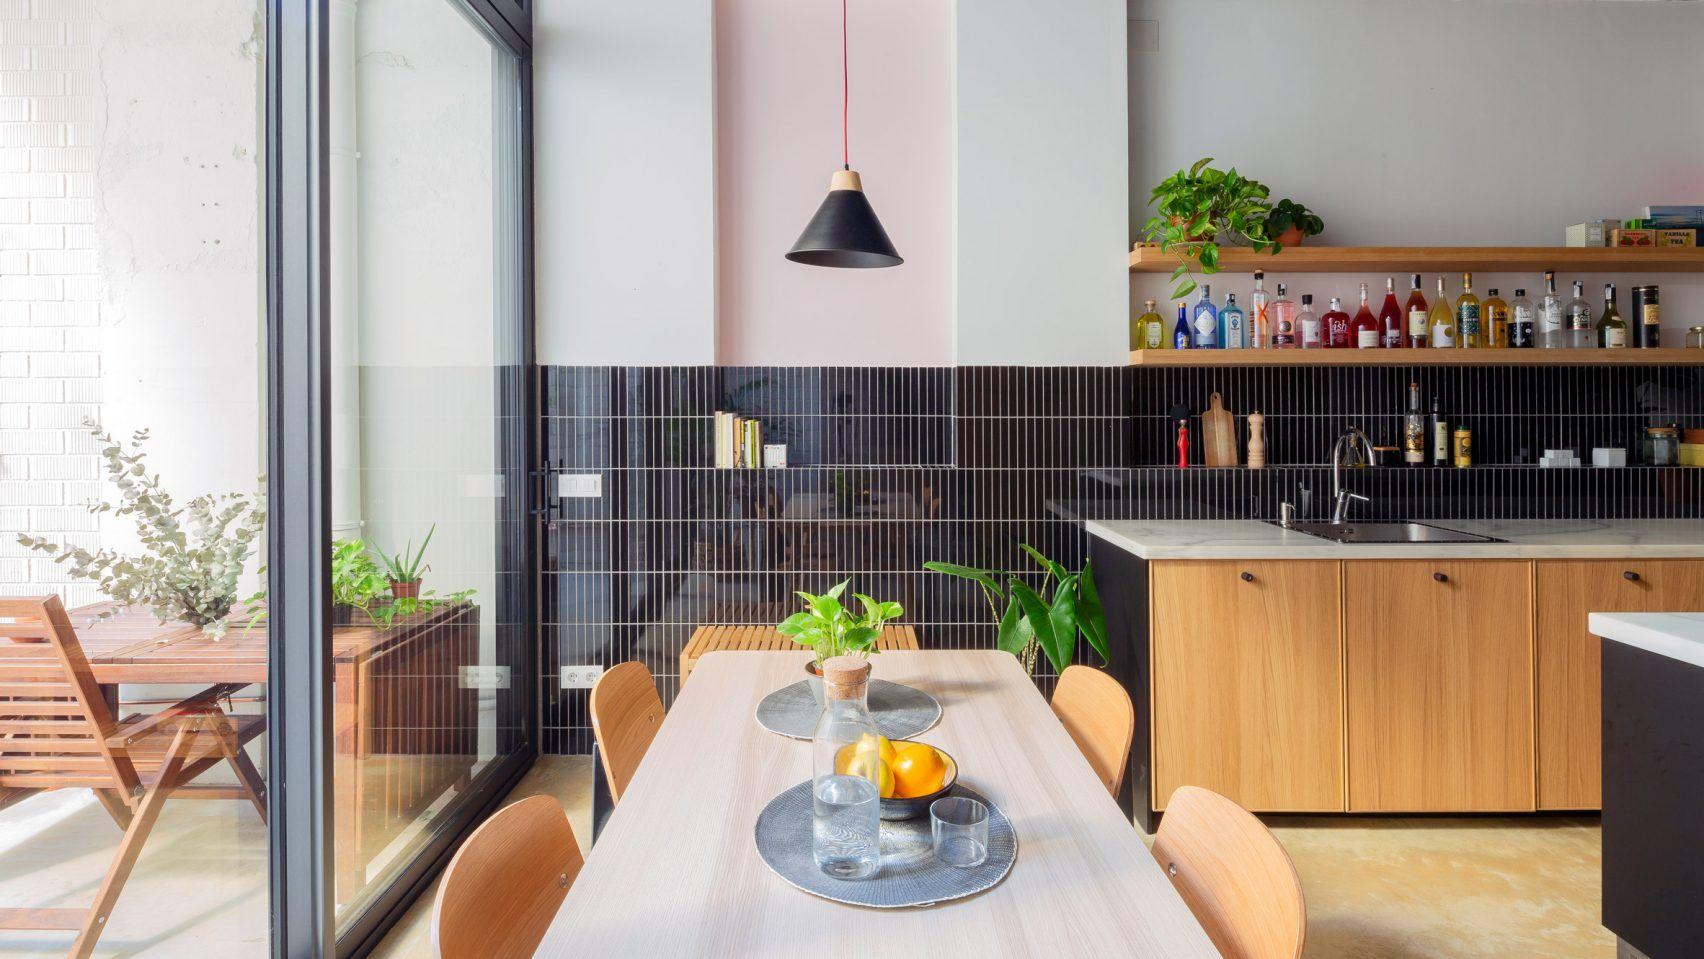 Nook Architects | 巴塞罗那某小型联合办公空间